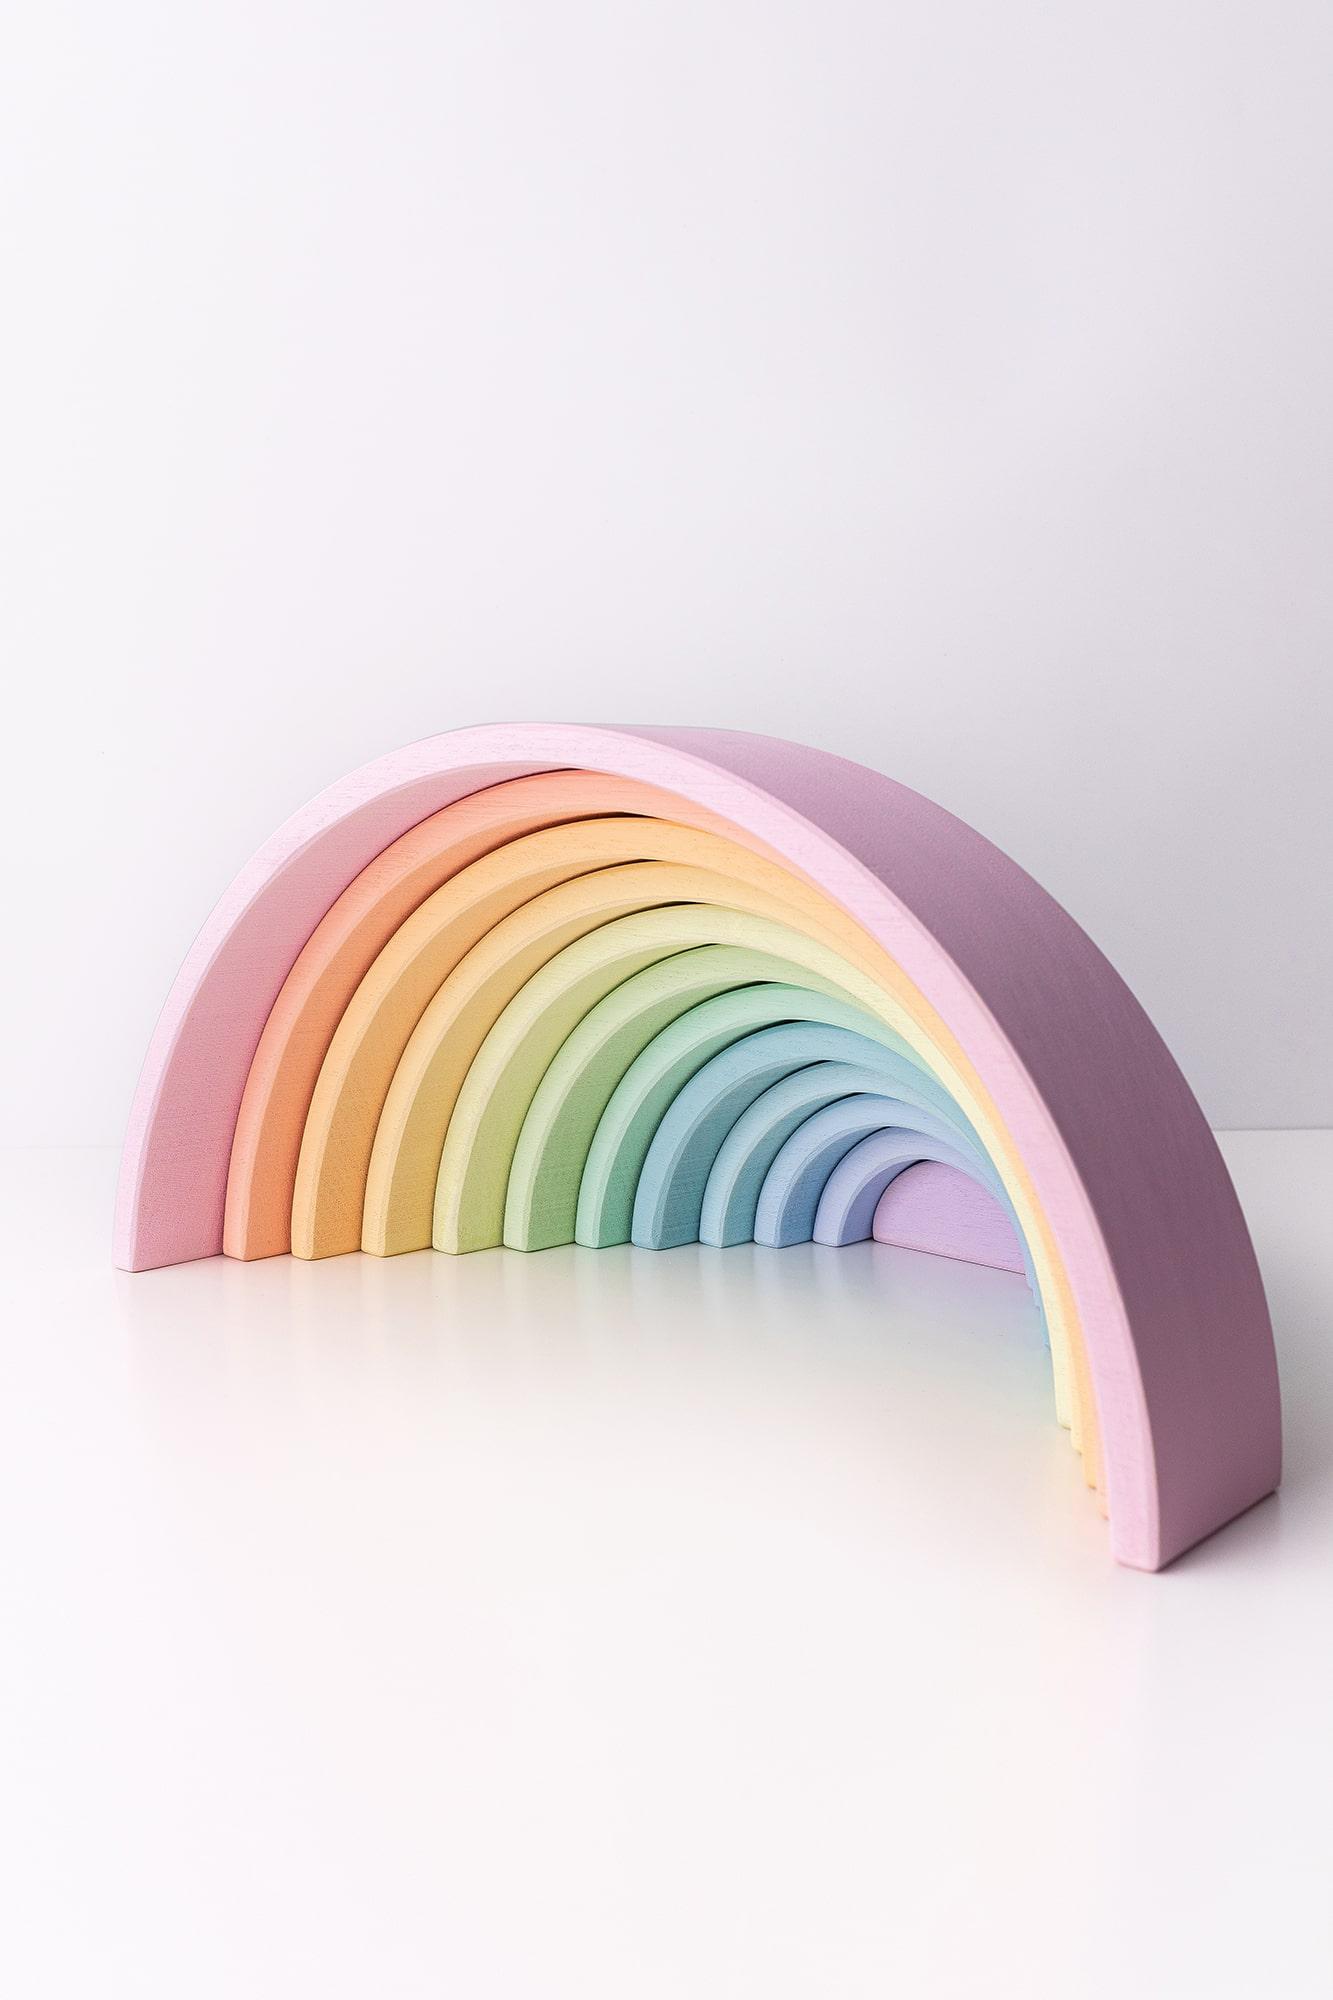 arcoiris madera